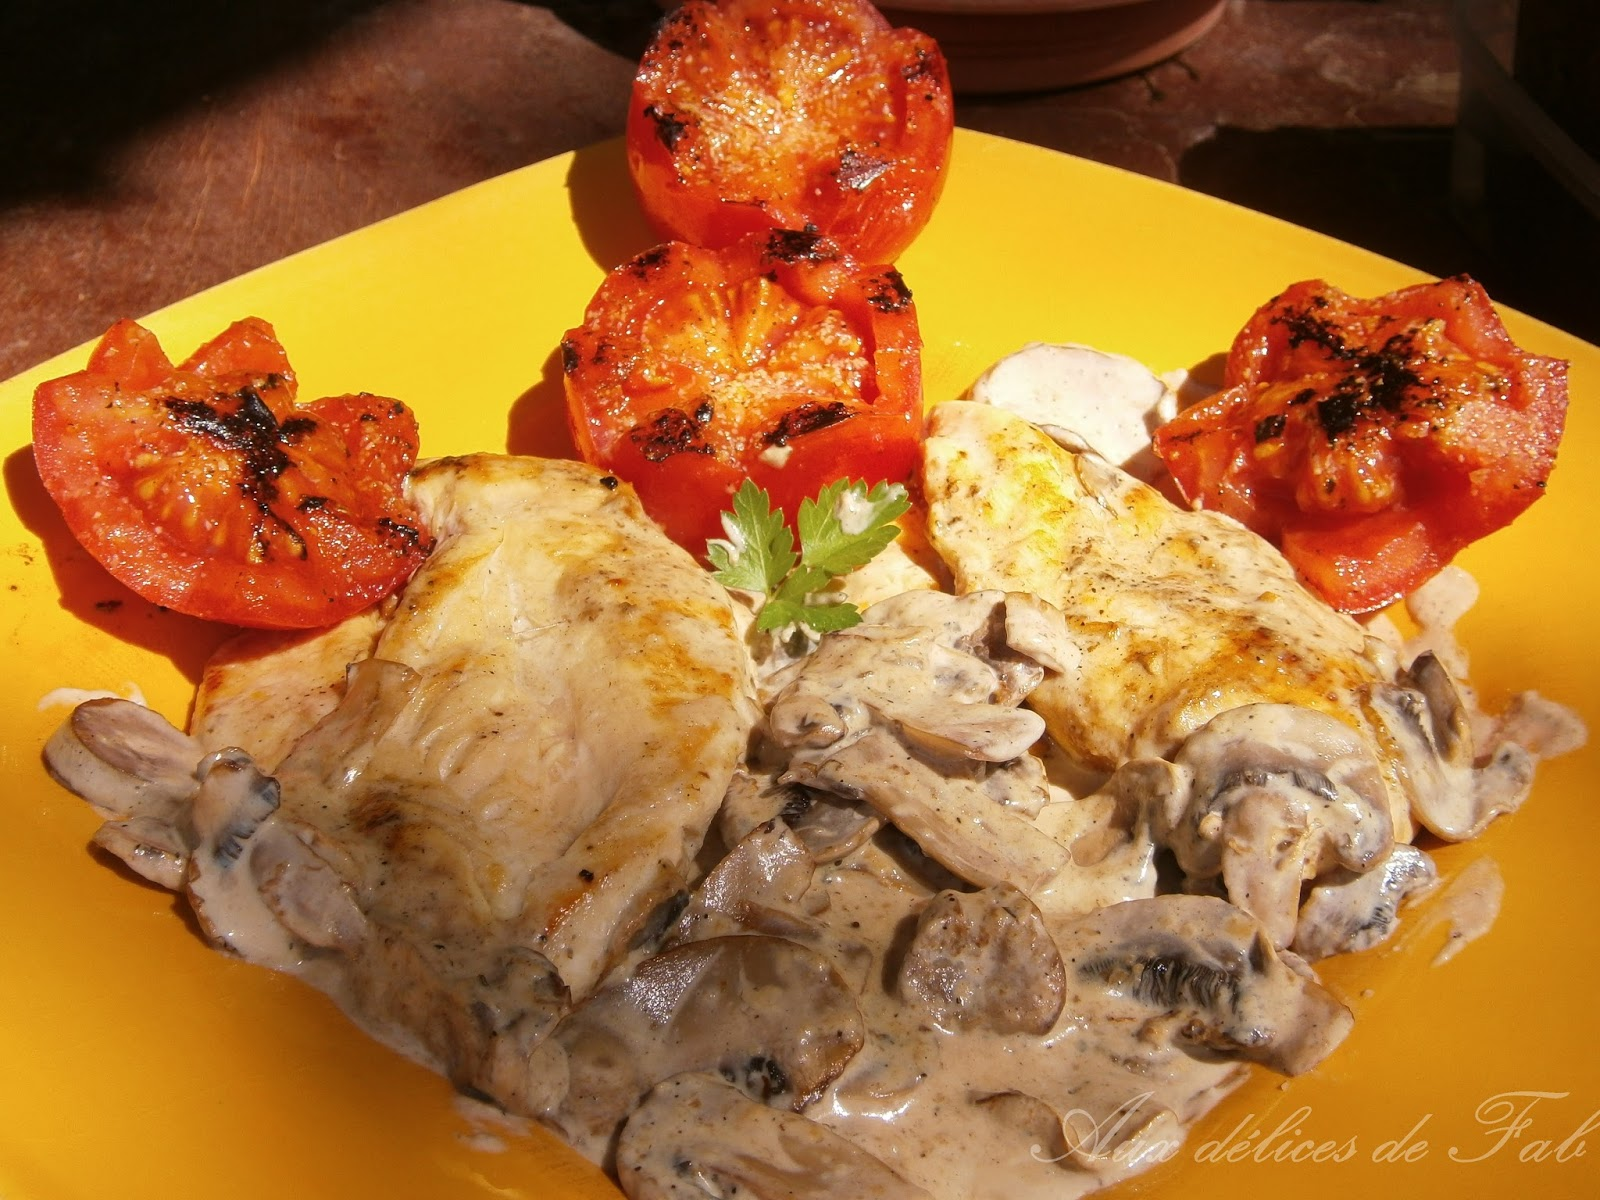 Aux d lices de fab escalopes de poulet la cr me l g re et champignons de paris - Champignon de paris a la poele ...